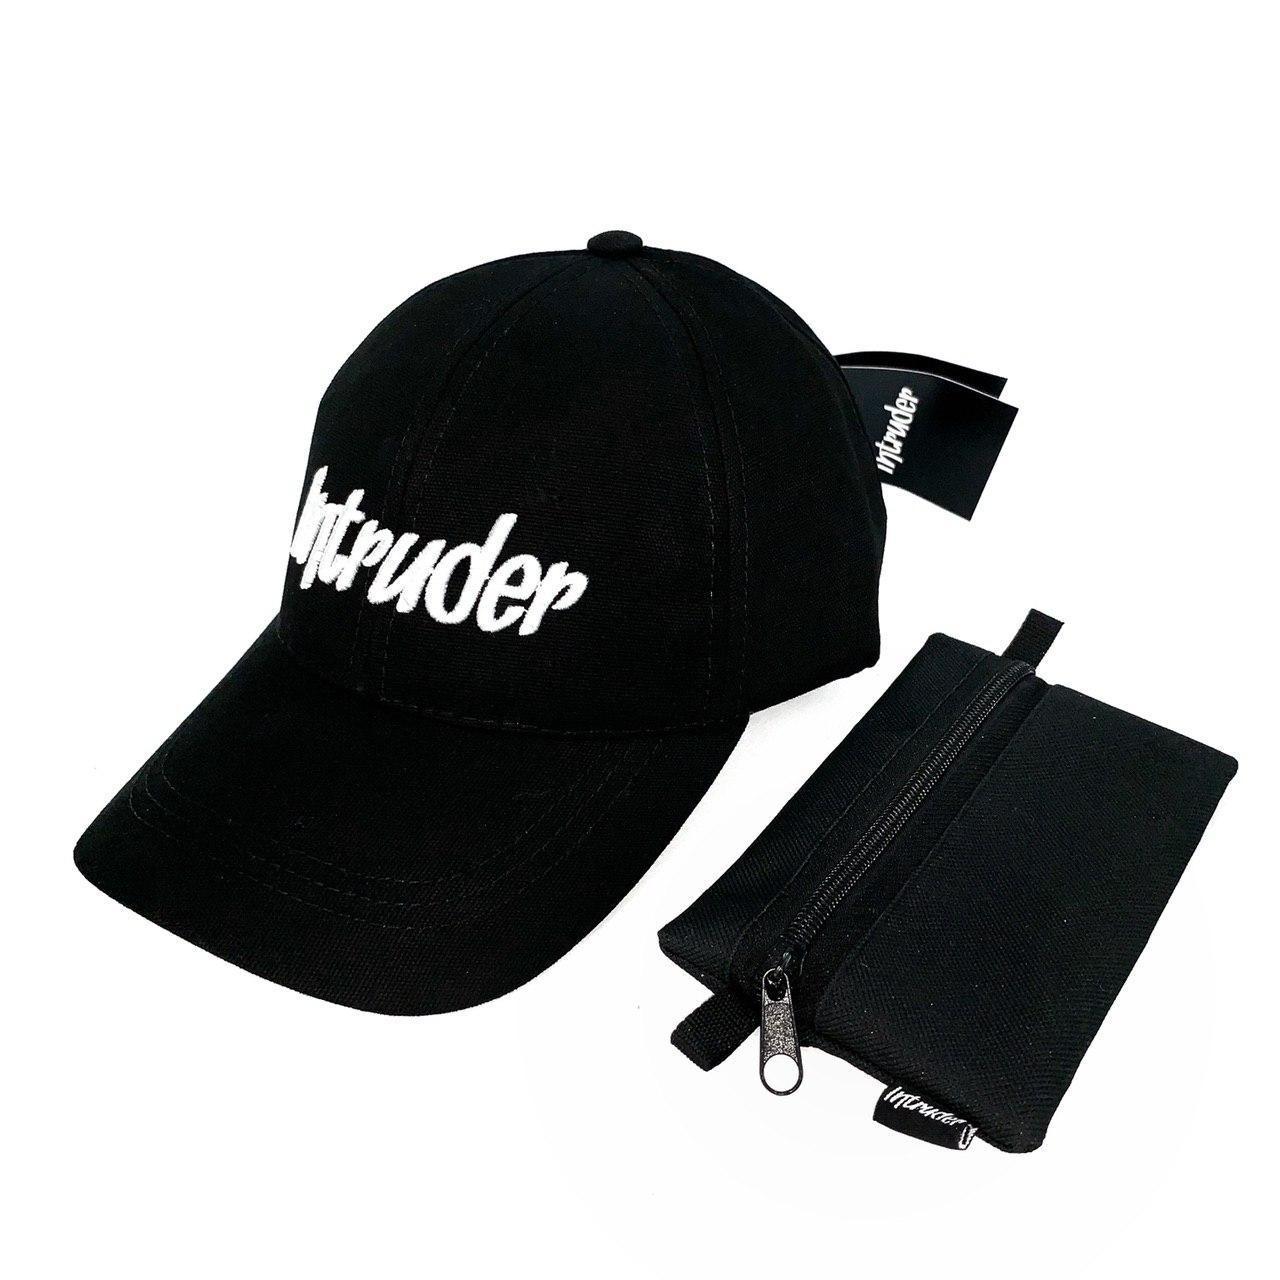 Кепка Intruder чоловіча | жіноча чорна брендовий + Фірмовий подарунок